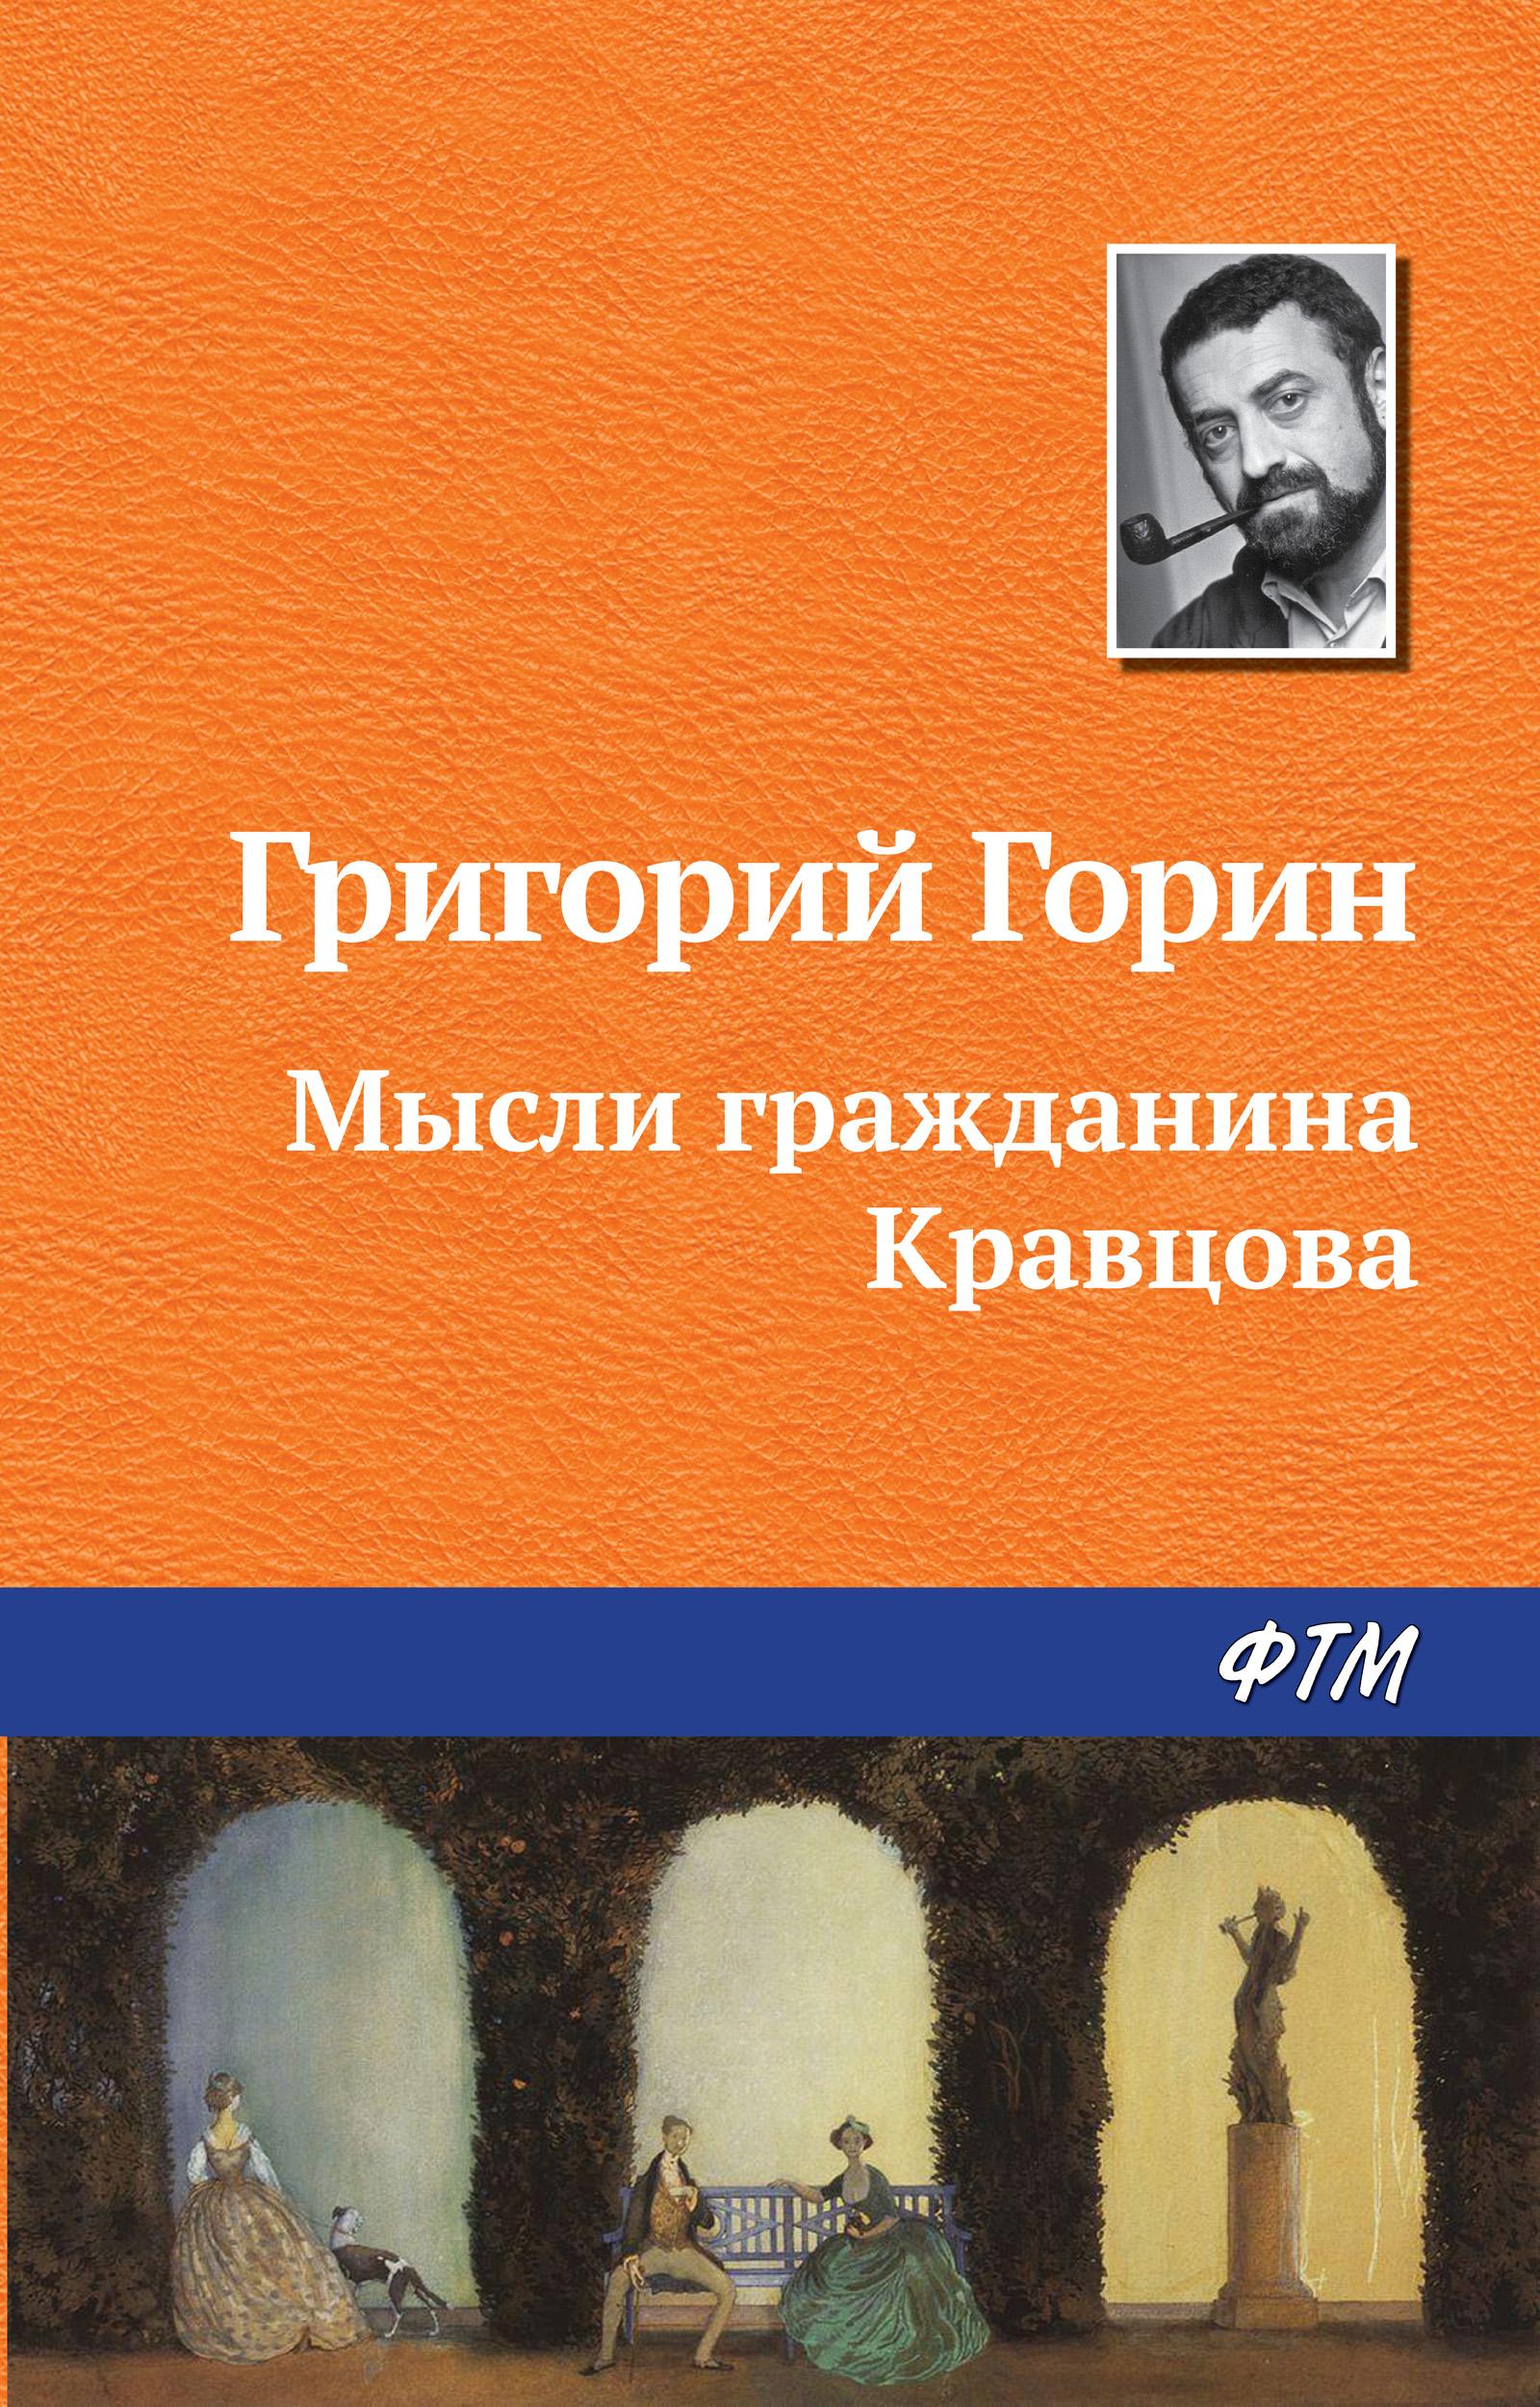 цены на Григорий Горин Мысли гражданина Кравцова  в интернет-магазинах